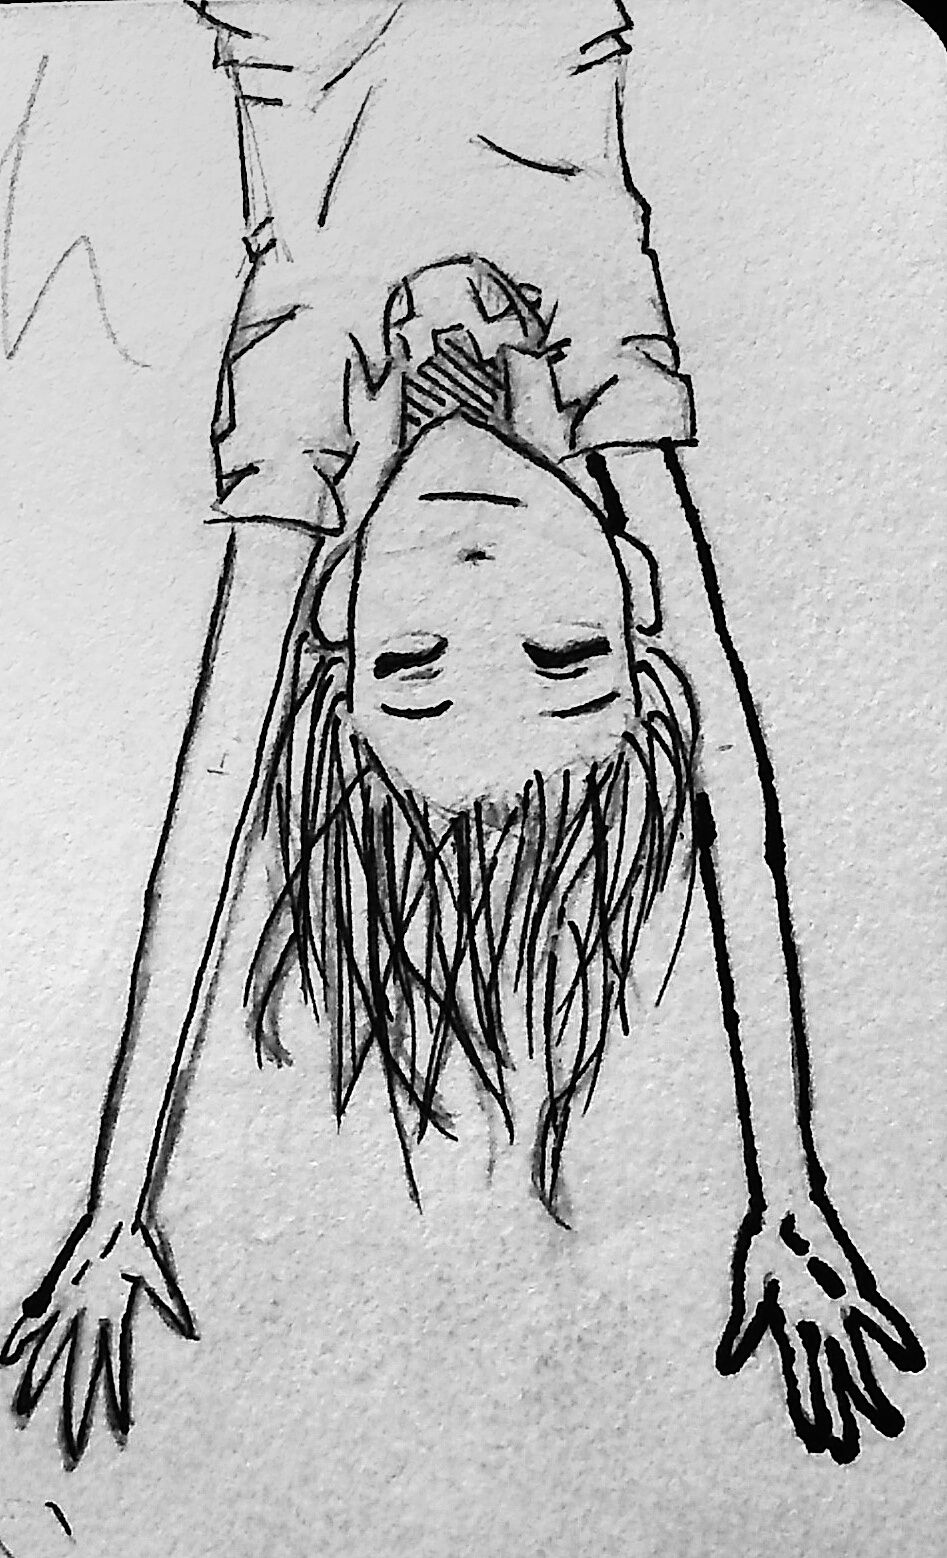 Upside Down Art Girl Hanging Upside Down By Gutgoatdeviantartcom On Deviantart